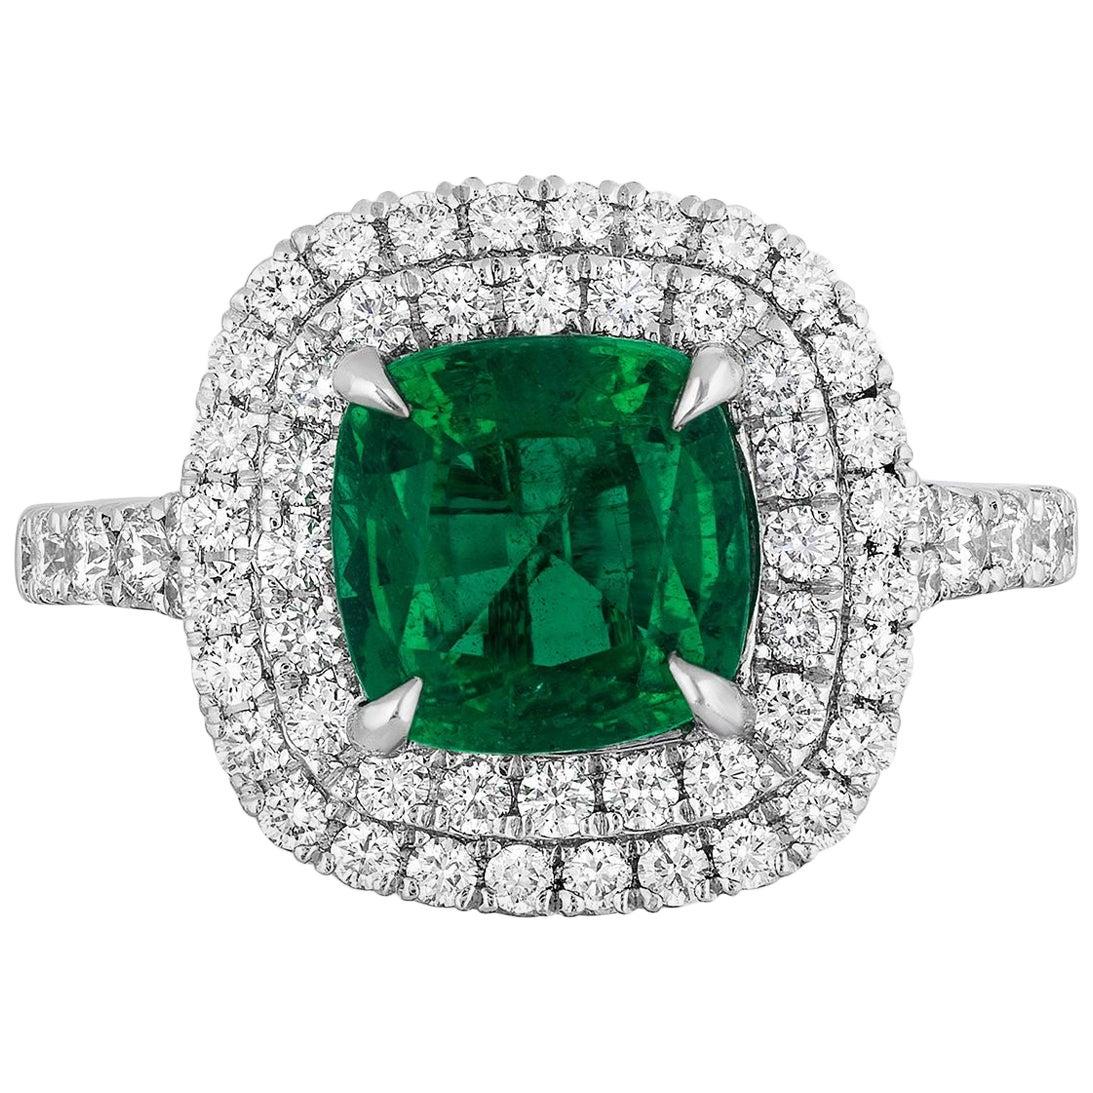 1.92 Carat Cushion Cut Zambian Emerald Diamond Cocktail Ring